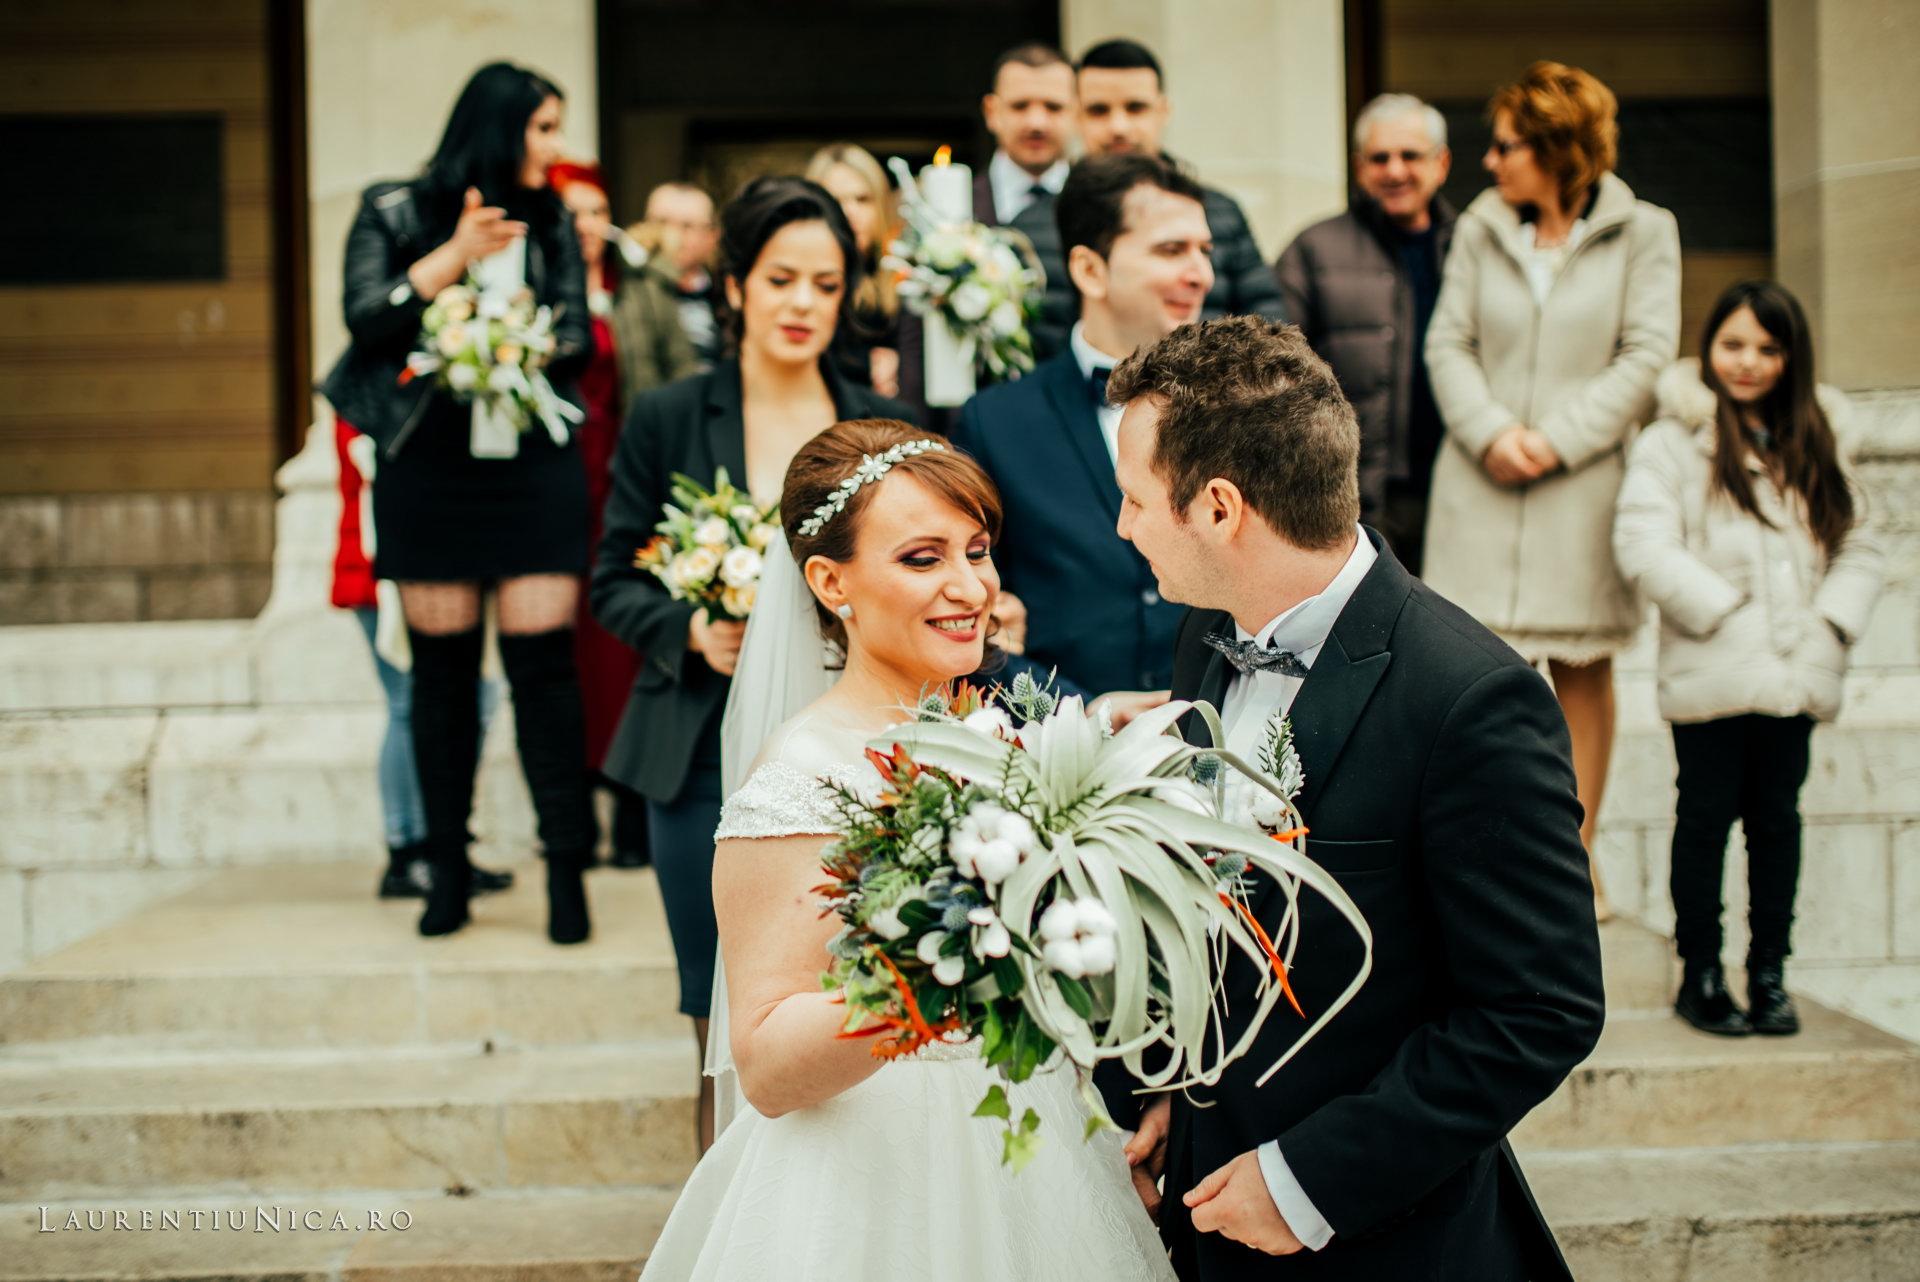 daniela si marius fotografii nunta craiova laurentiu nica30 - Daniela & Marius | Fotografii nunta